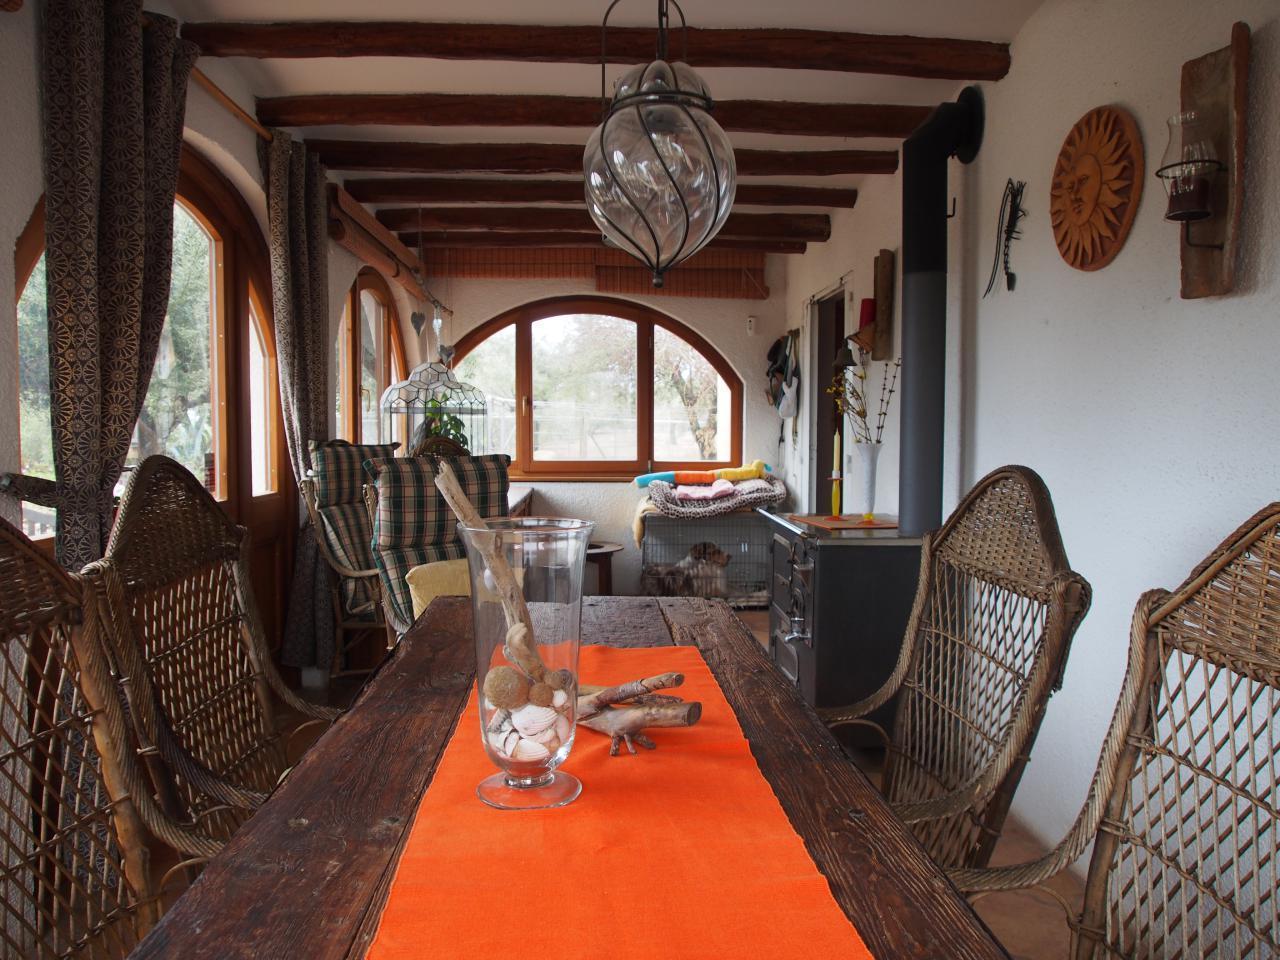 Ferienwohnung in charmantem Landgasthaus (1584575), L'Ametlla de Mar, Costa Dorada, Katalonien, Spanien, Bild 11